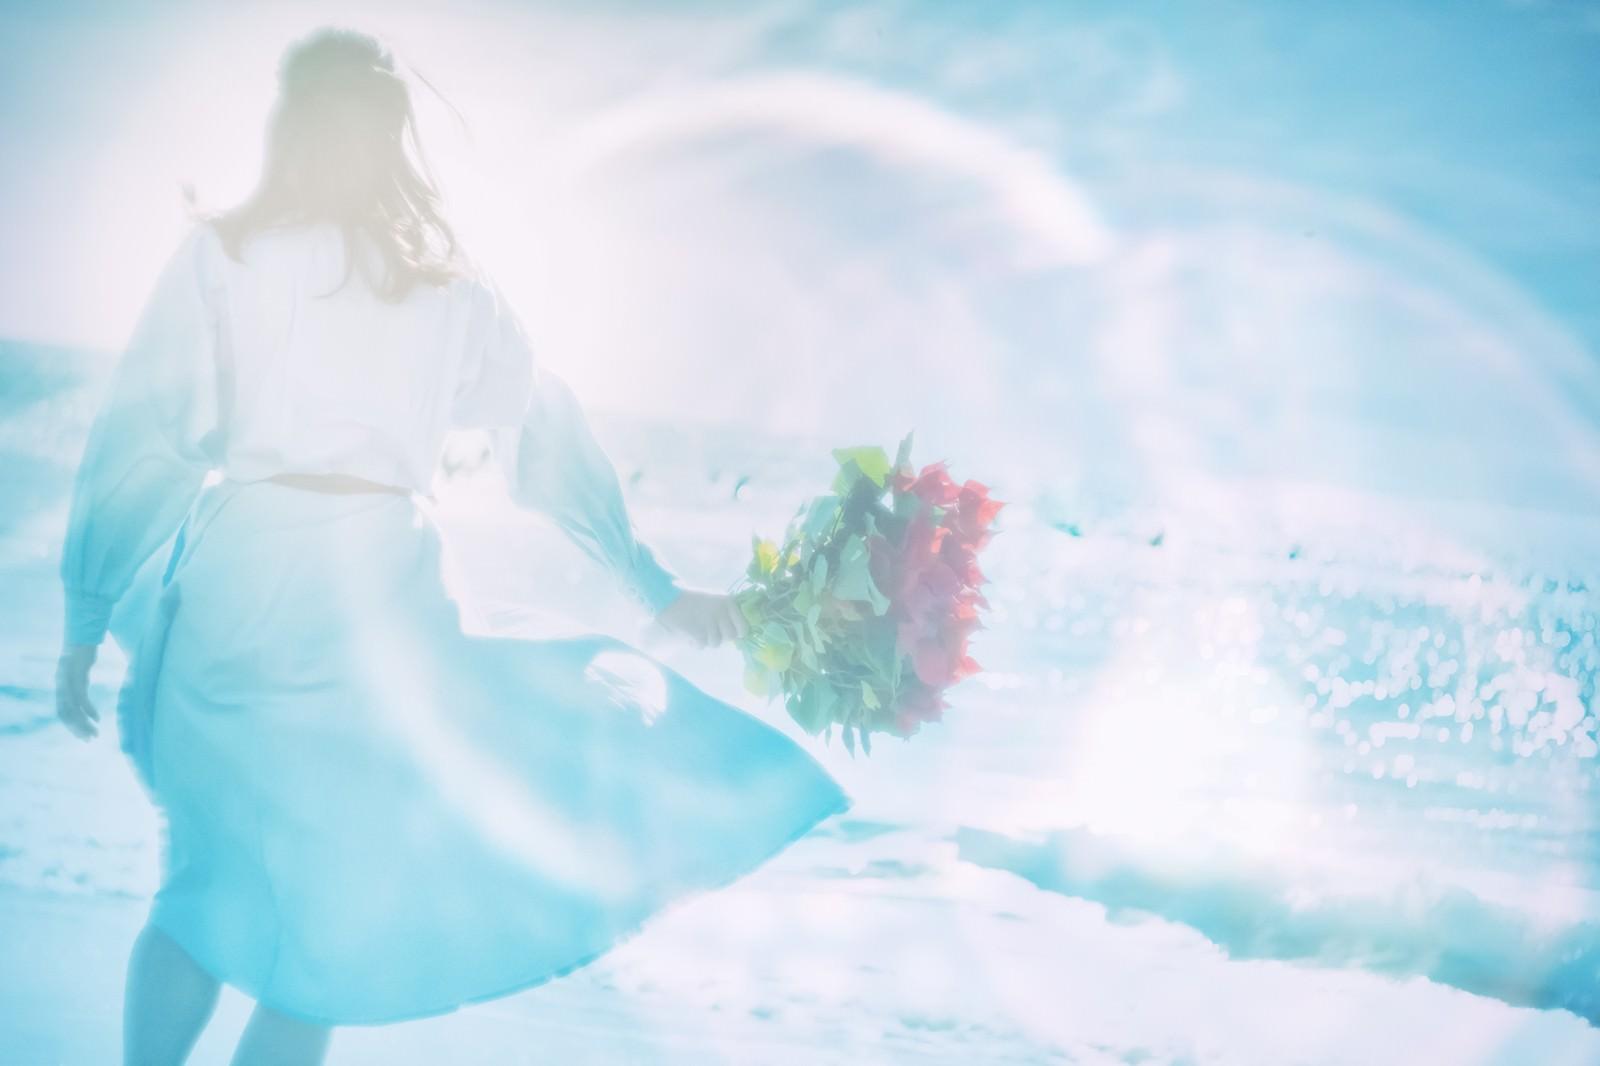 「海辺で花束を持つ女性(フォトモンタージュ)海辺で花束を持つ女性(フォトモンタージュ)」のフリー写真素材を拡大